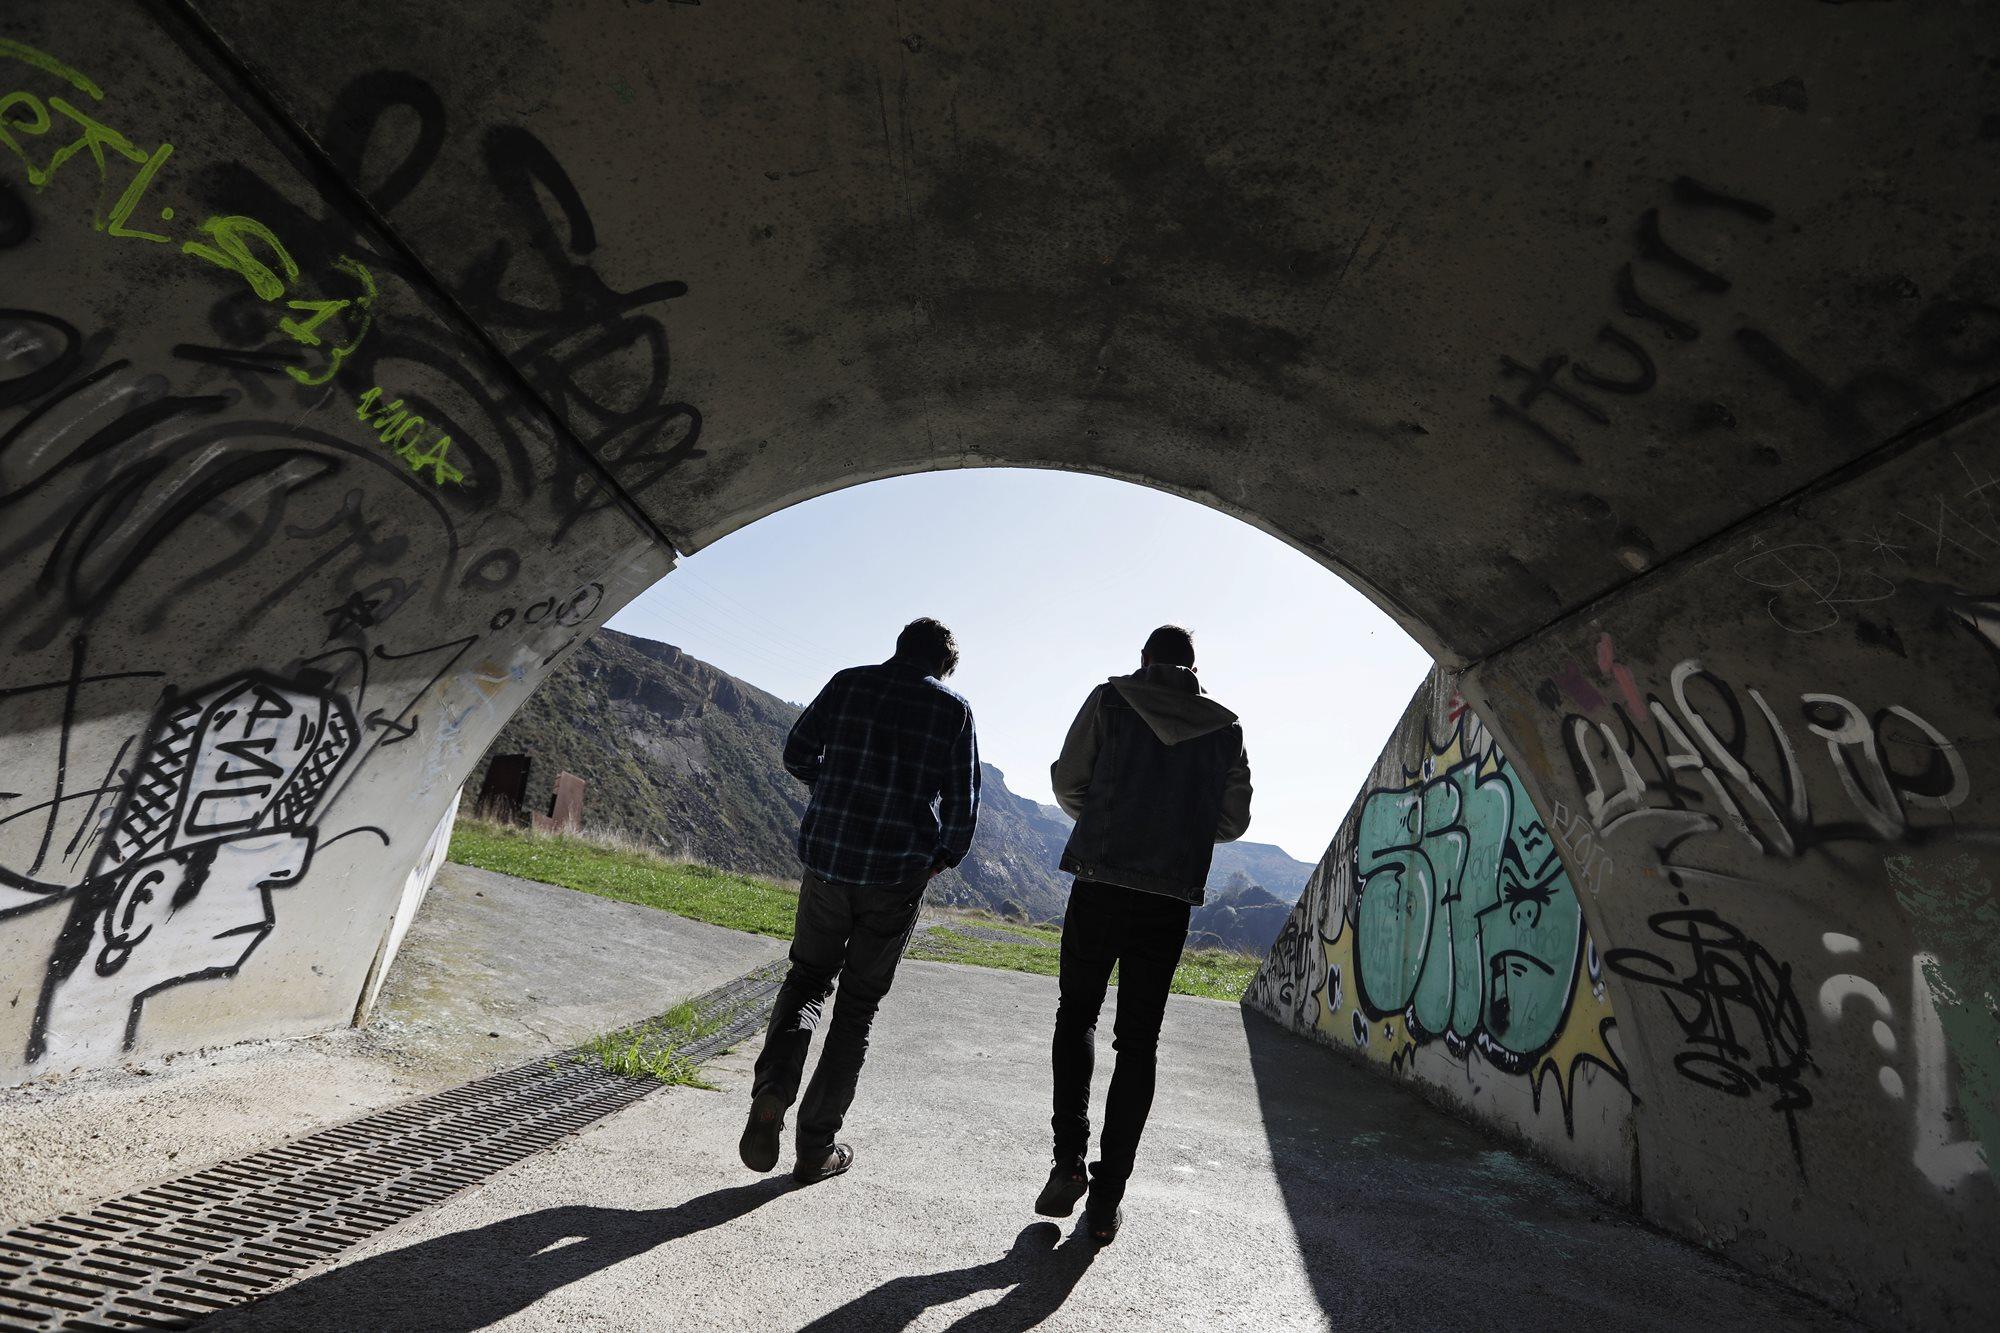 La historia y lo actual conviven en este rincón de Vizcaya.